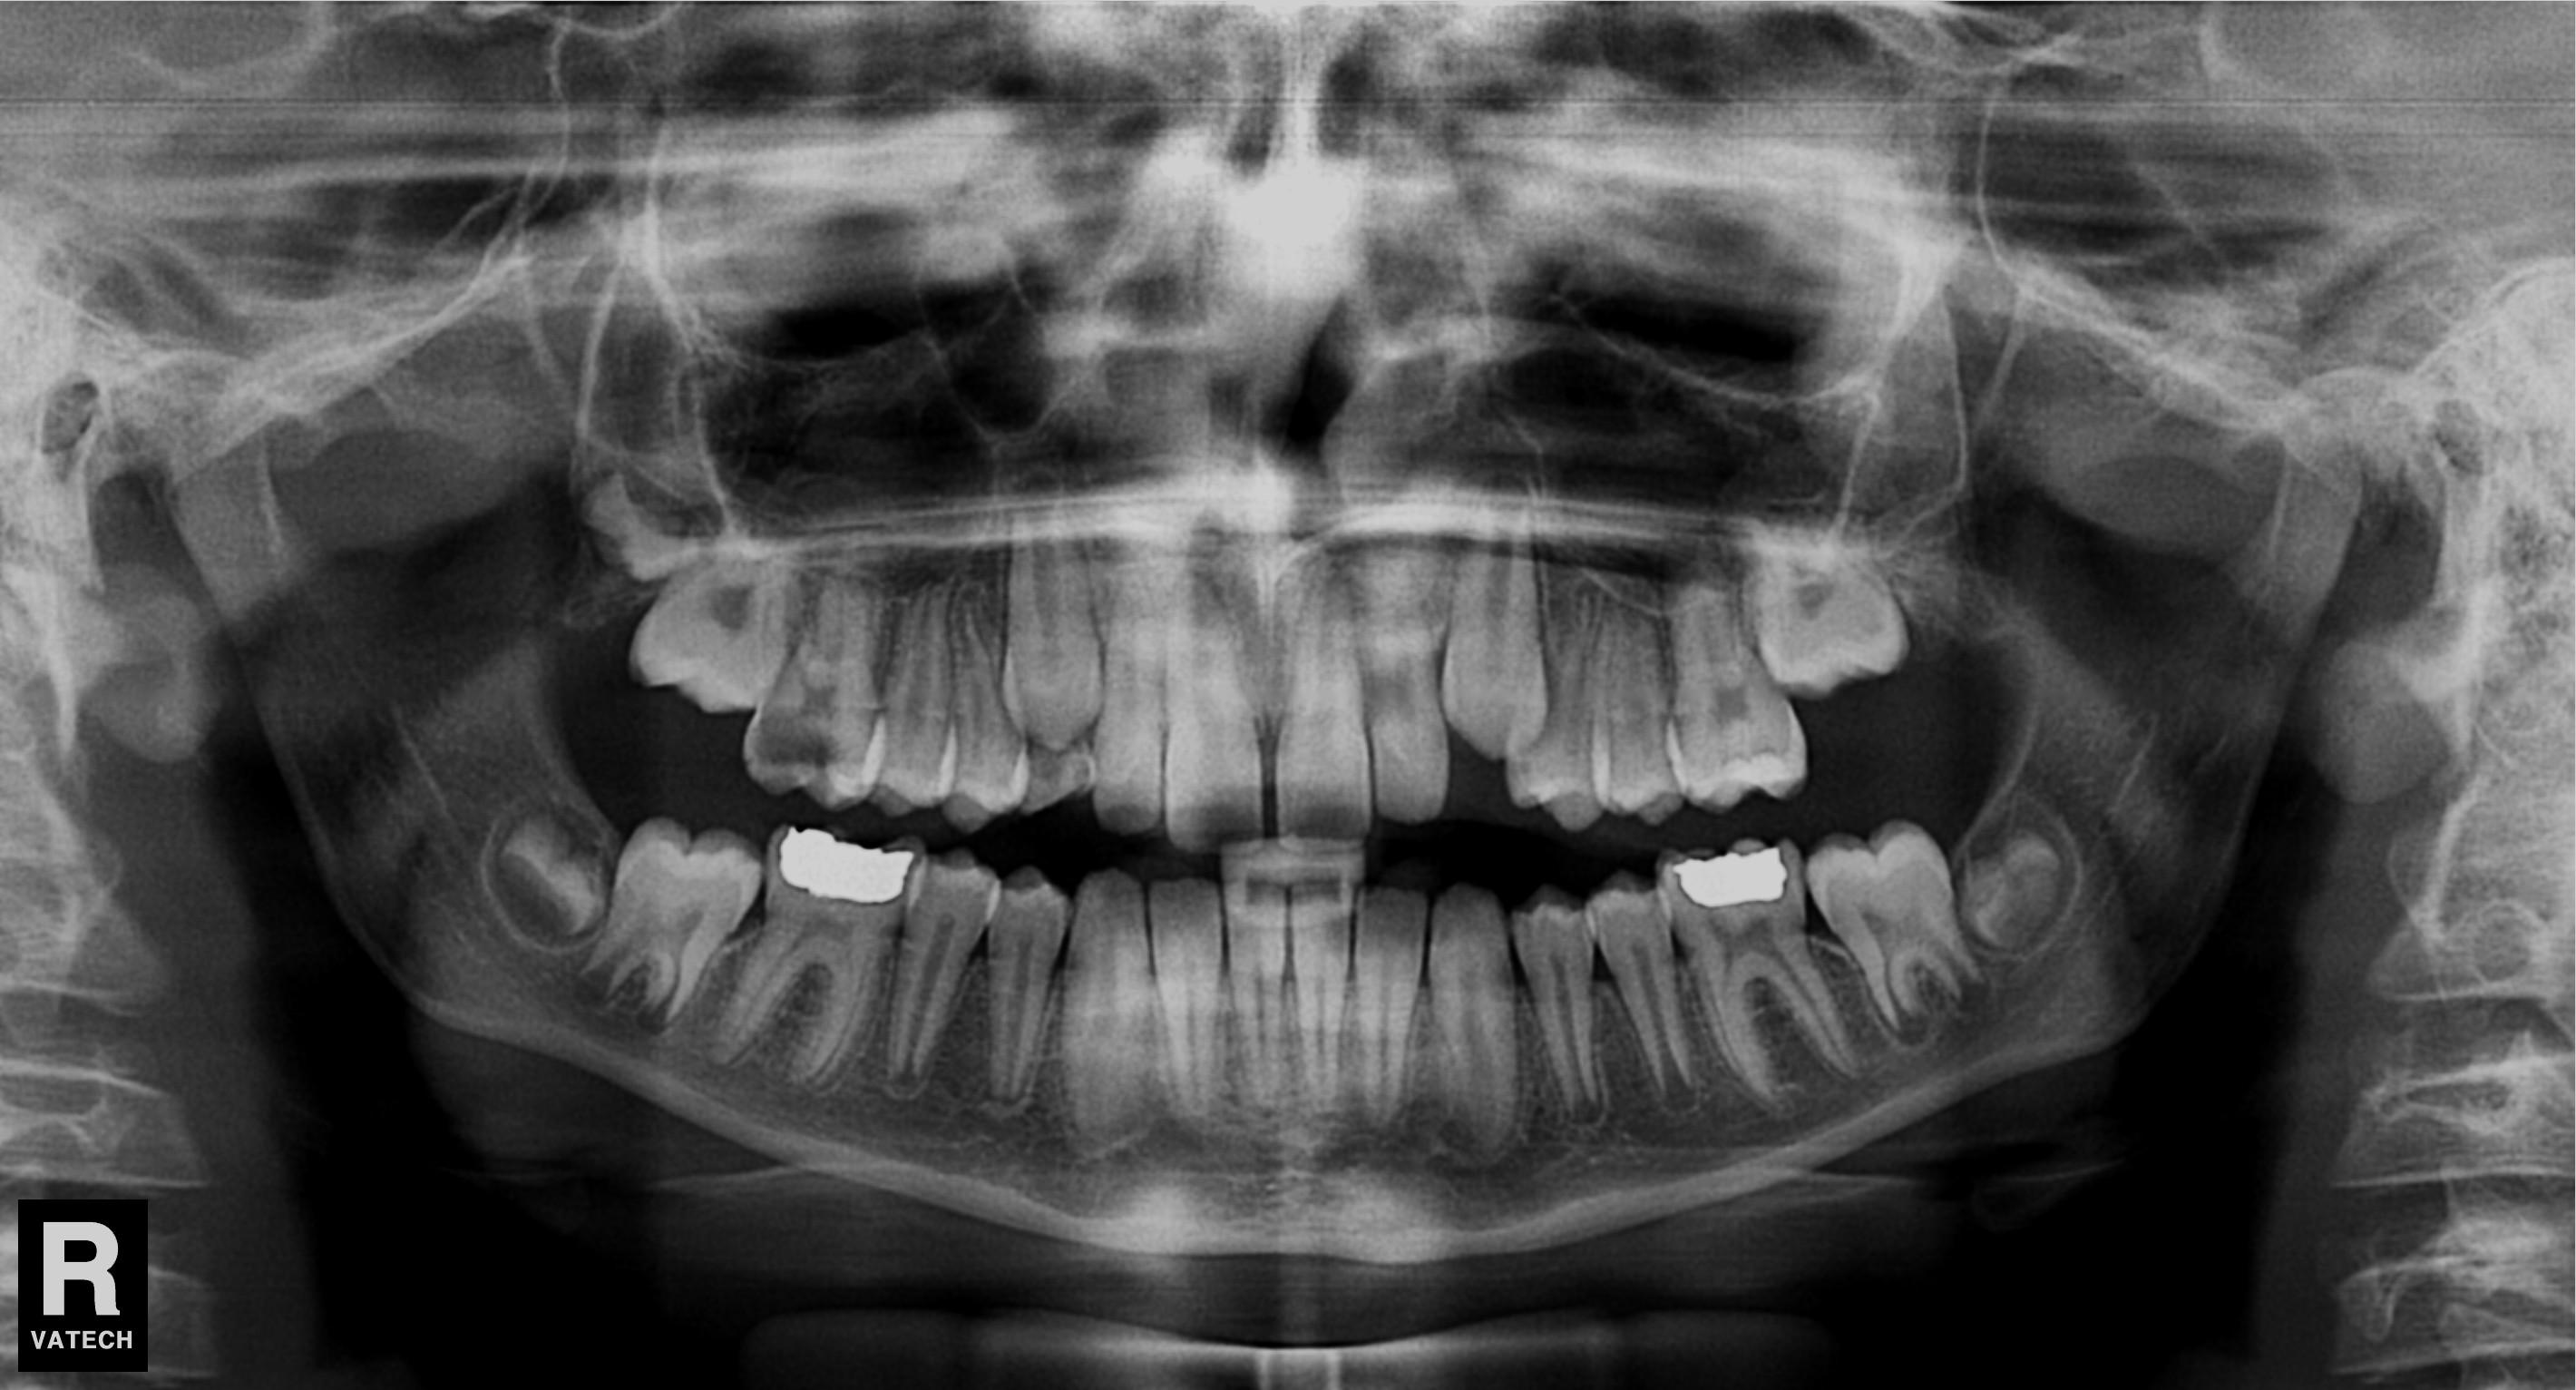 ízületi fájdalom a fogszuvasodás miatt)